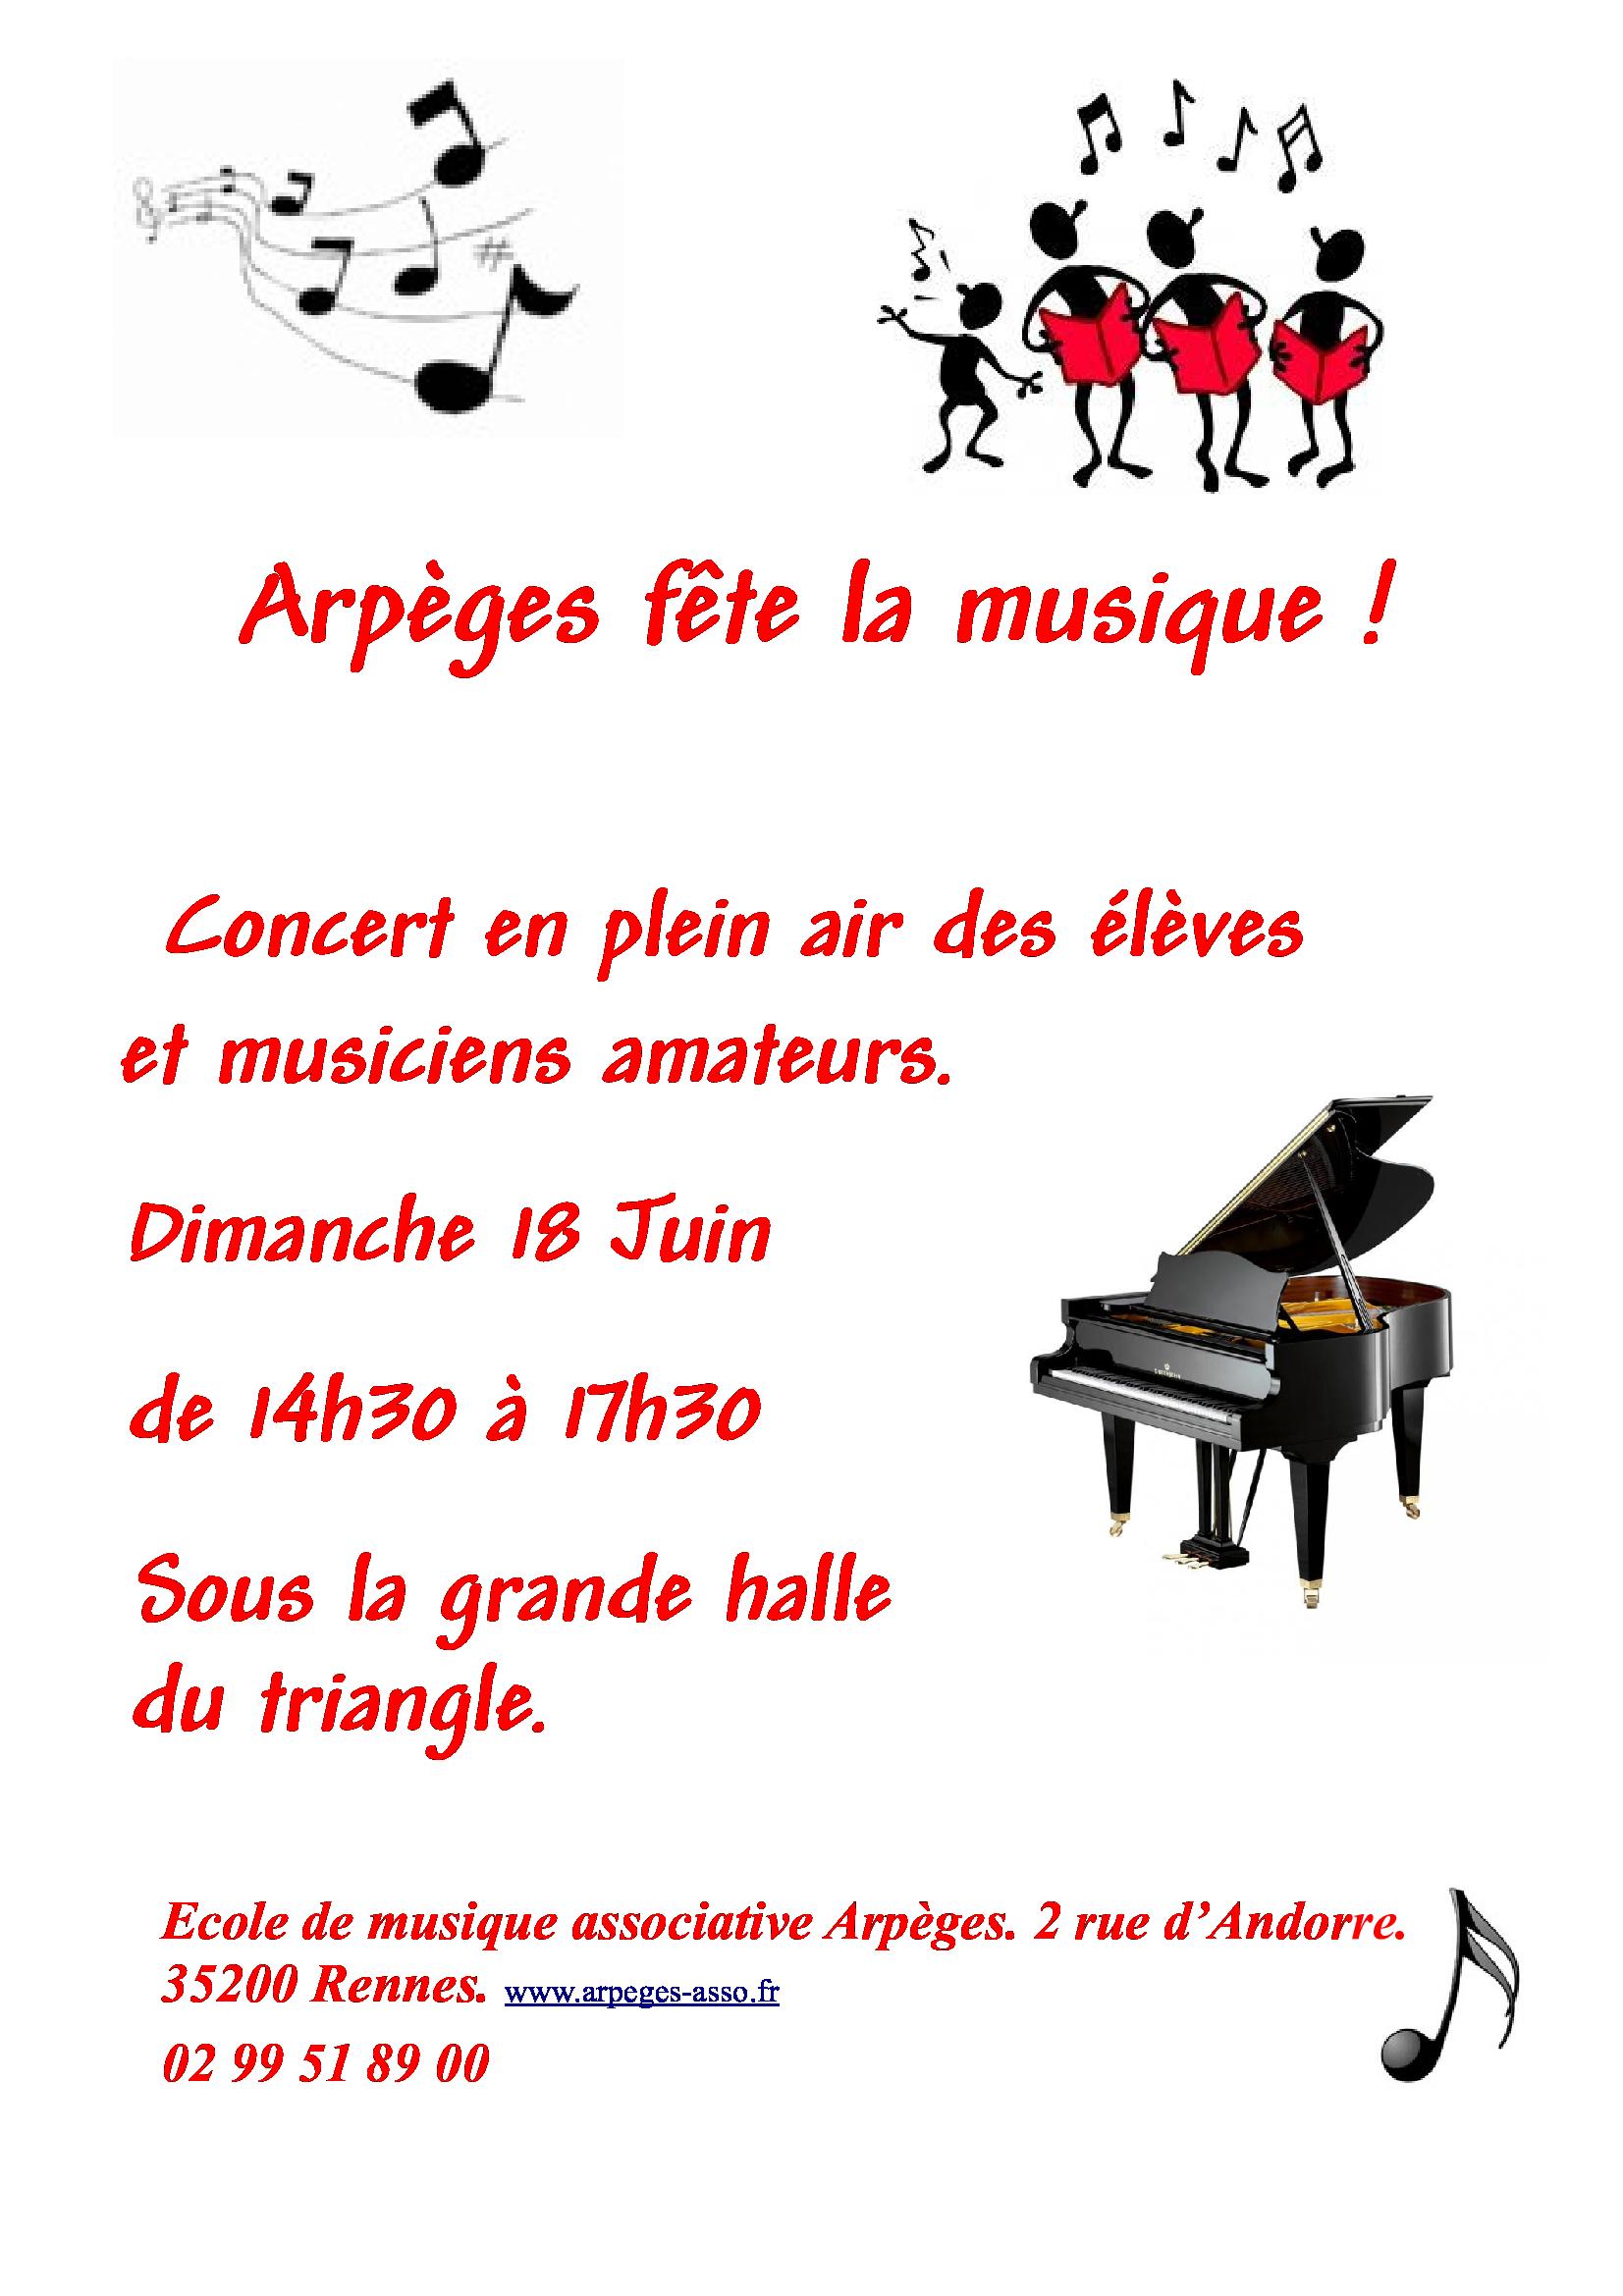 Arpèges fête la musique!